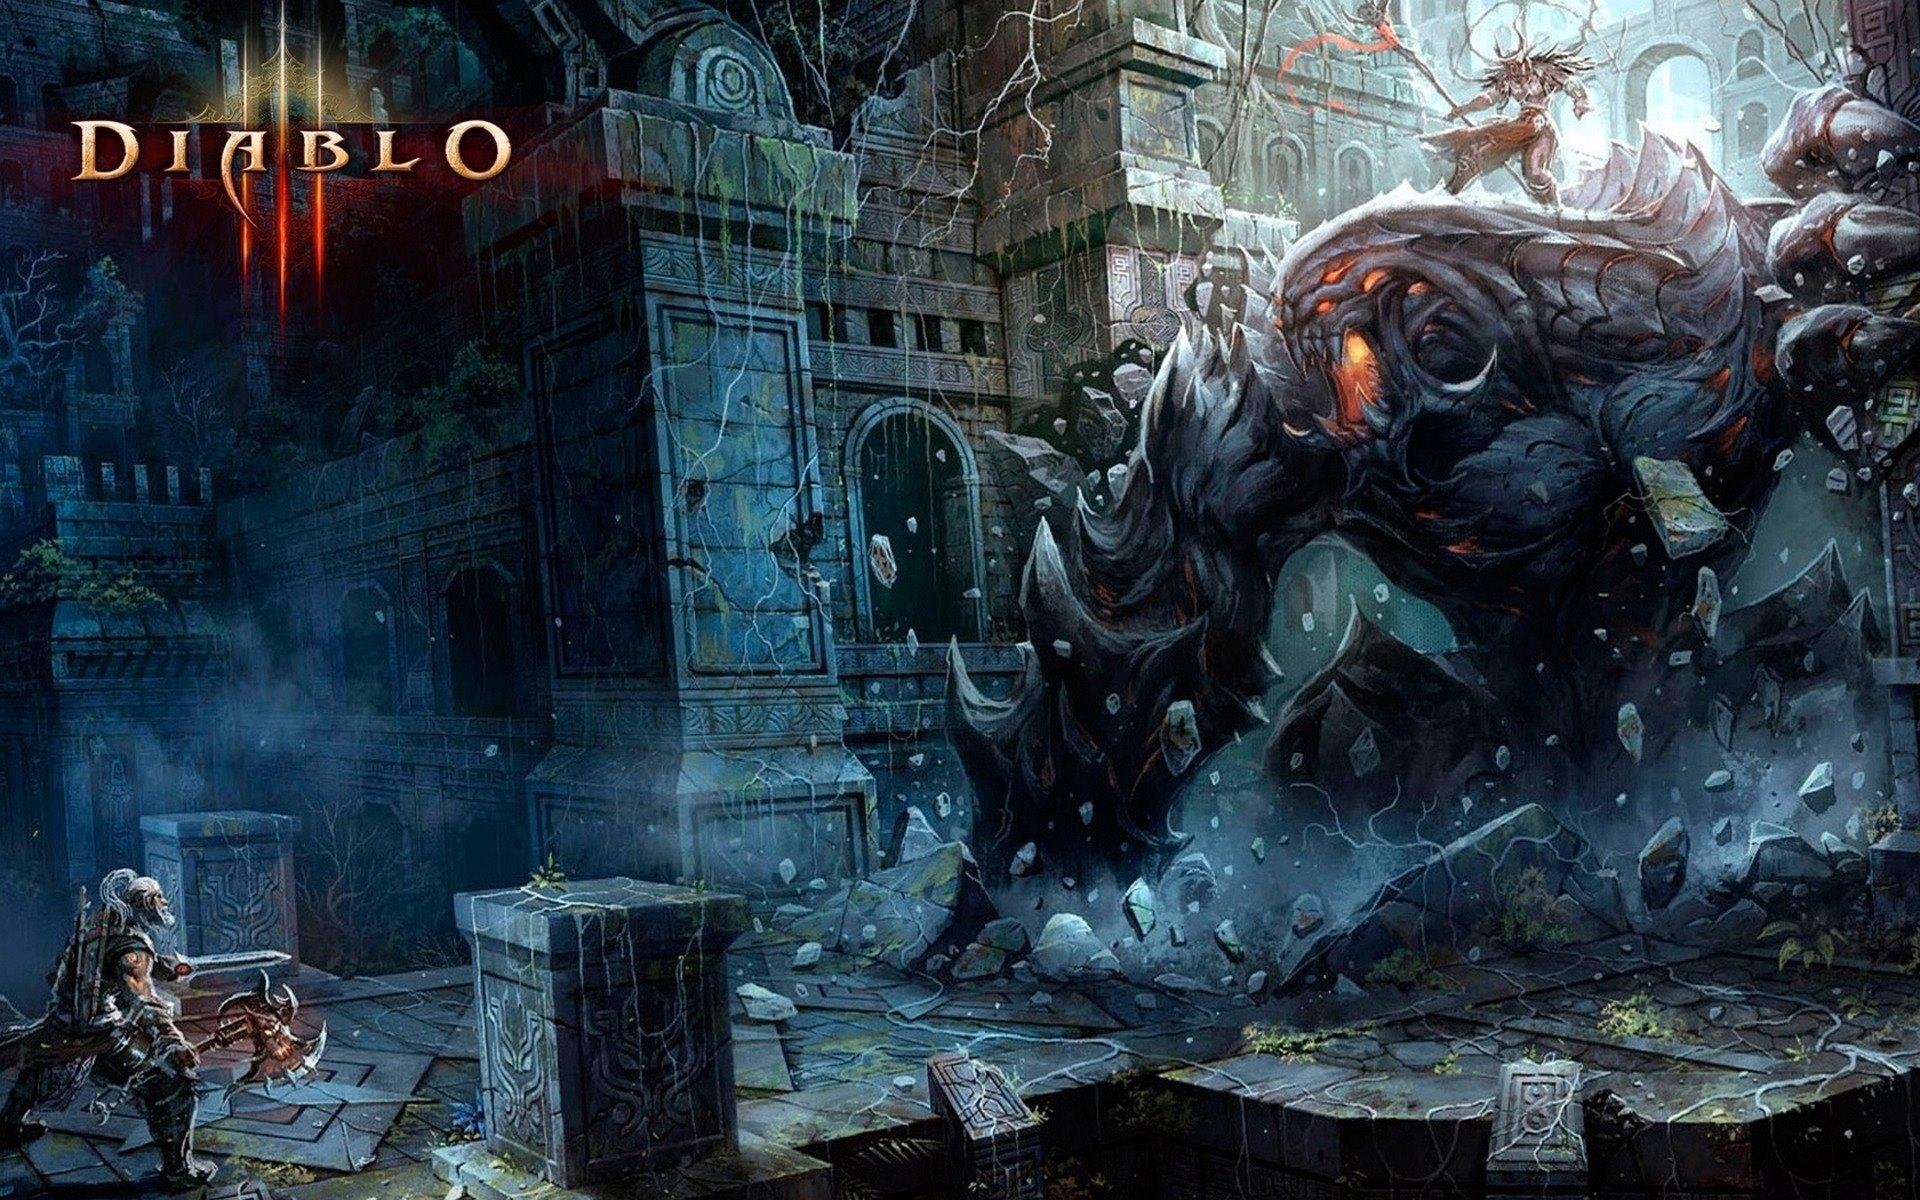 HD Wallpaper 2: Diablo